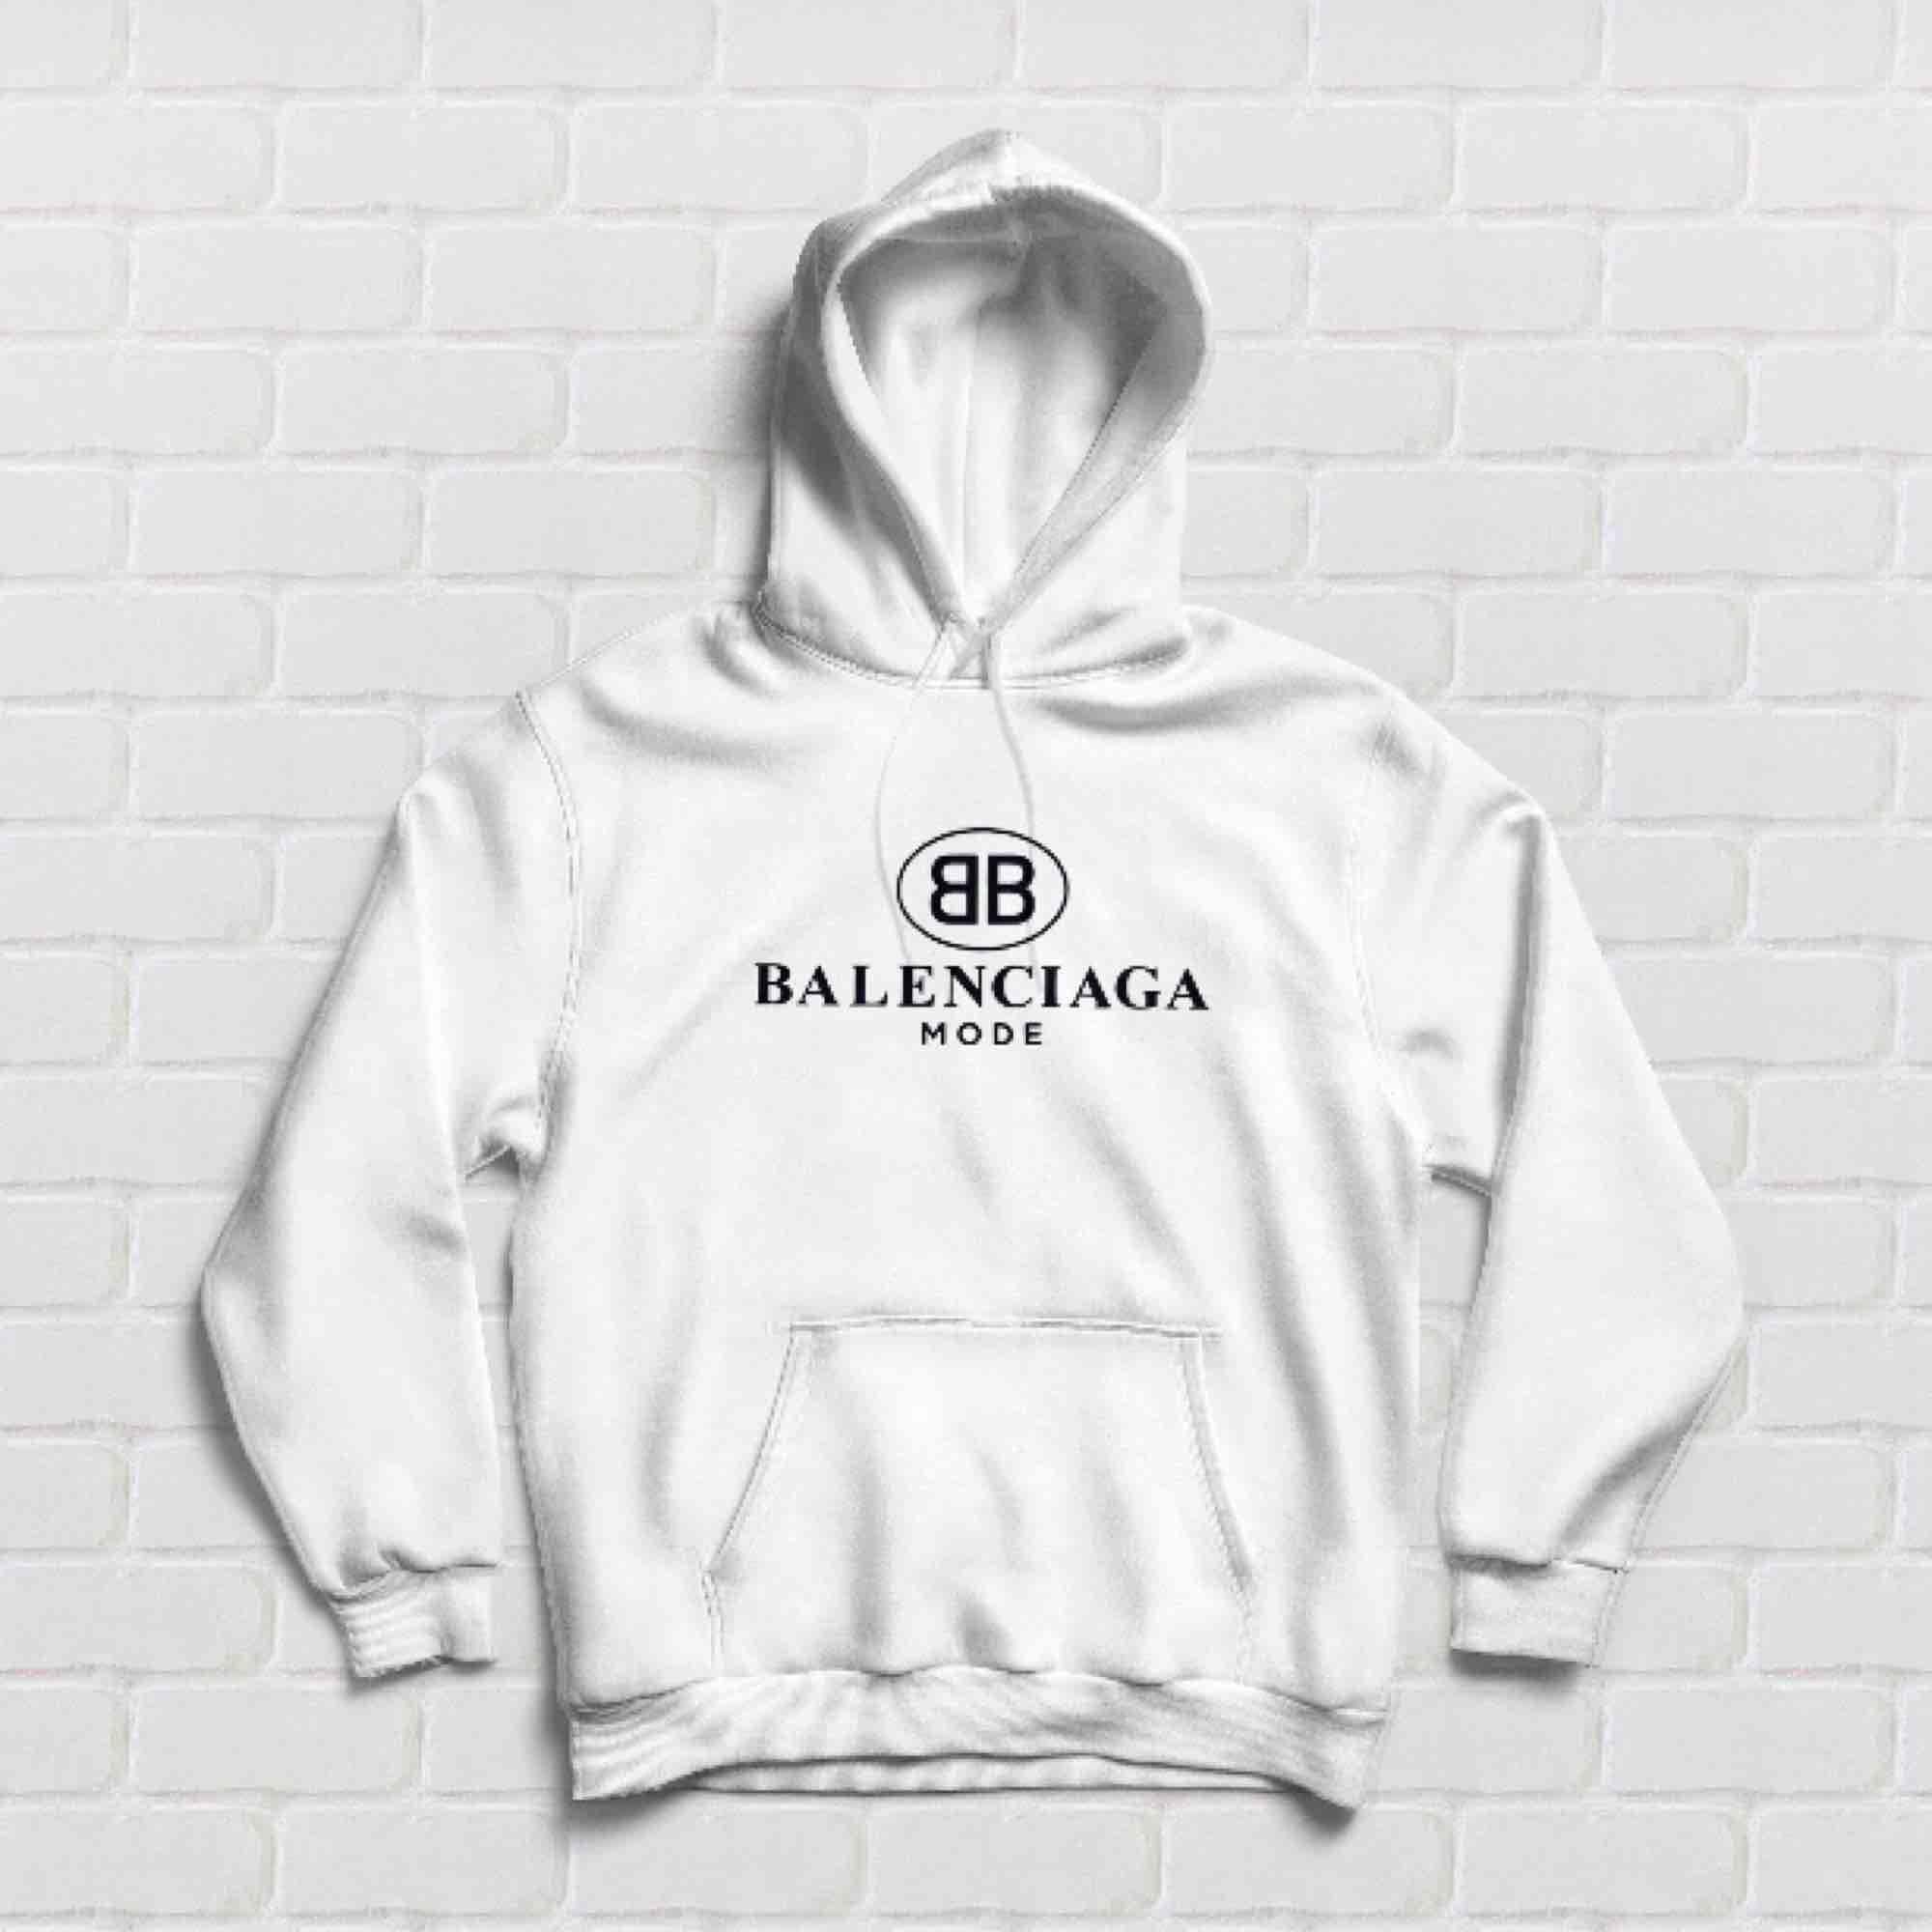 Vit Balenciaga hoodie replika  , storlek S. Endast testad! Ej prutbar😊. Huvtröjor & Träningströjor.